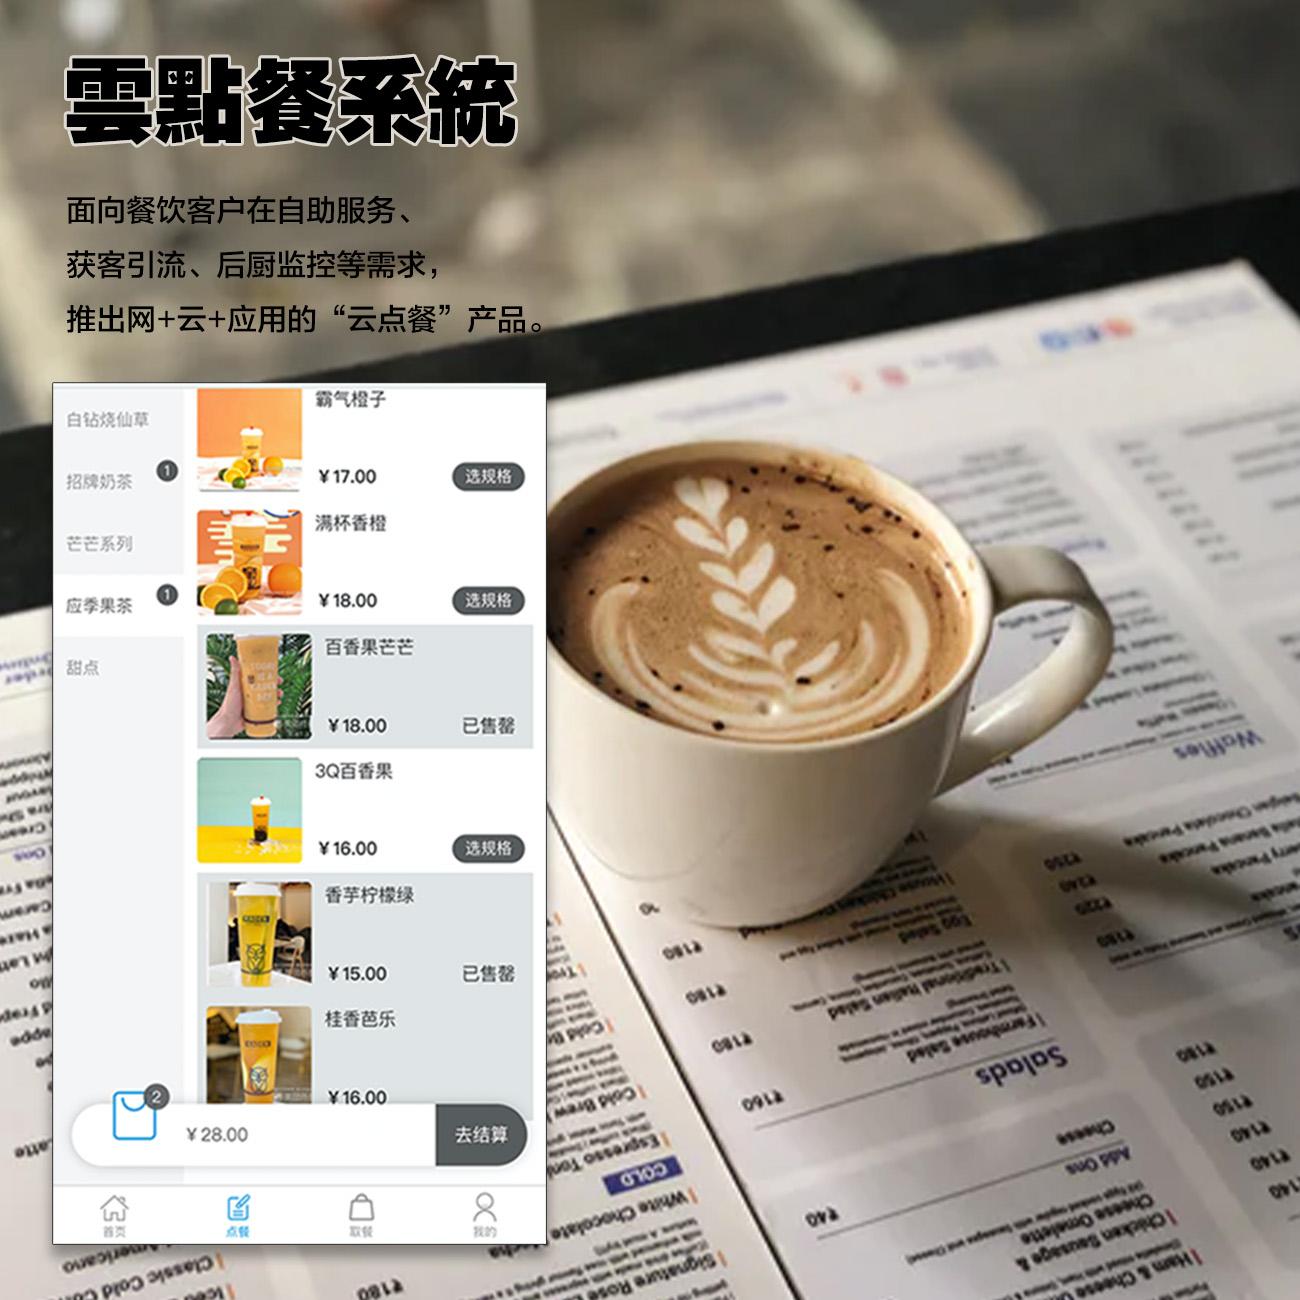 在线云点餐系统+积分兑换商城